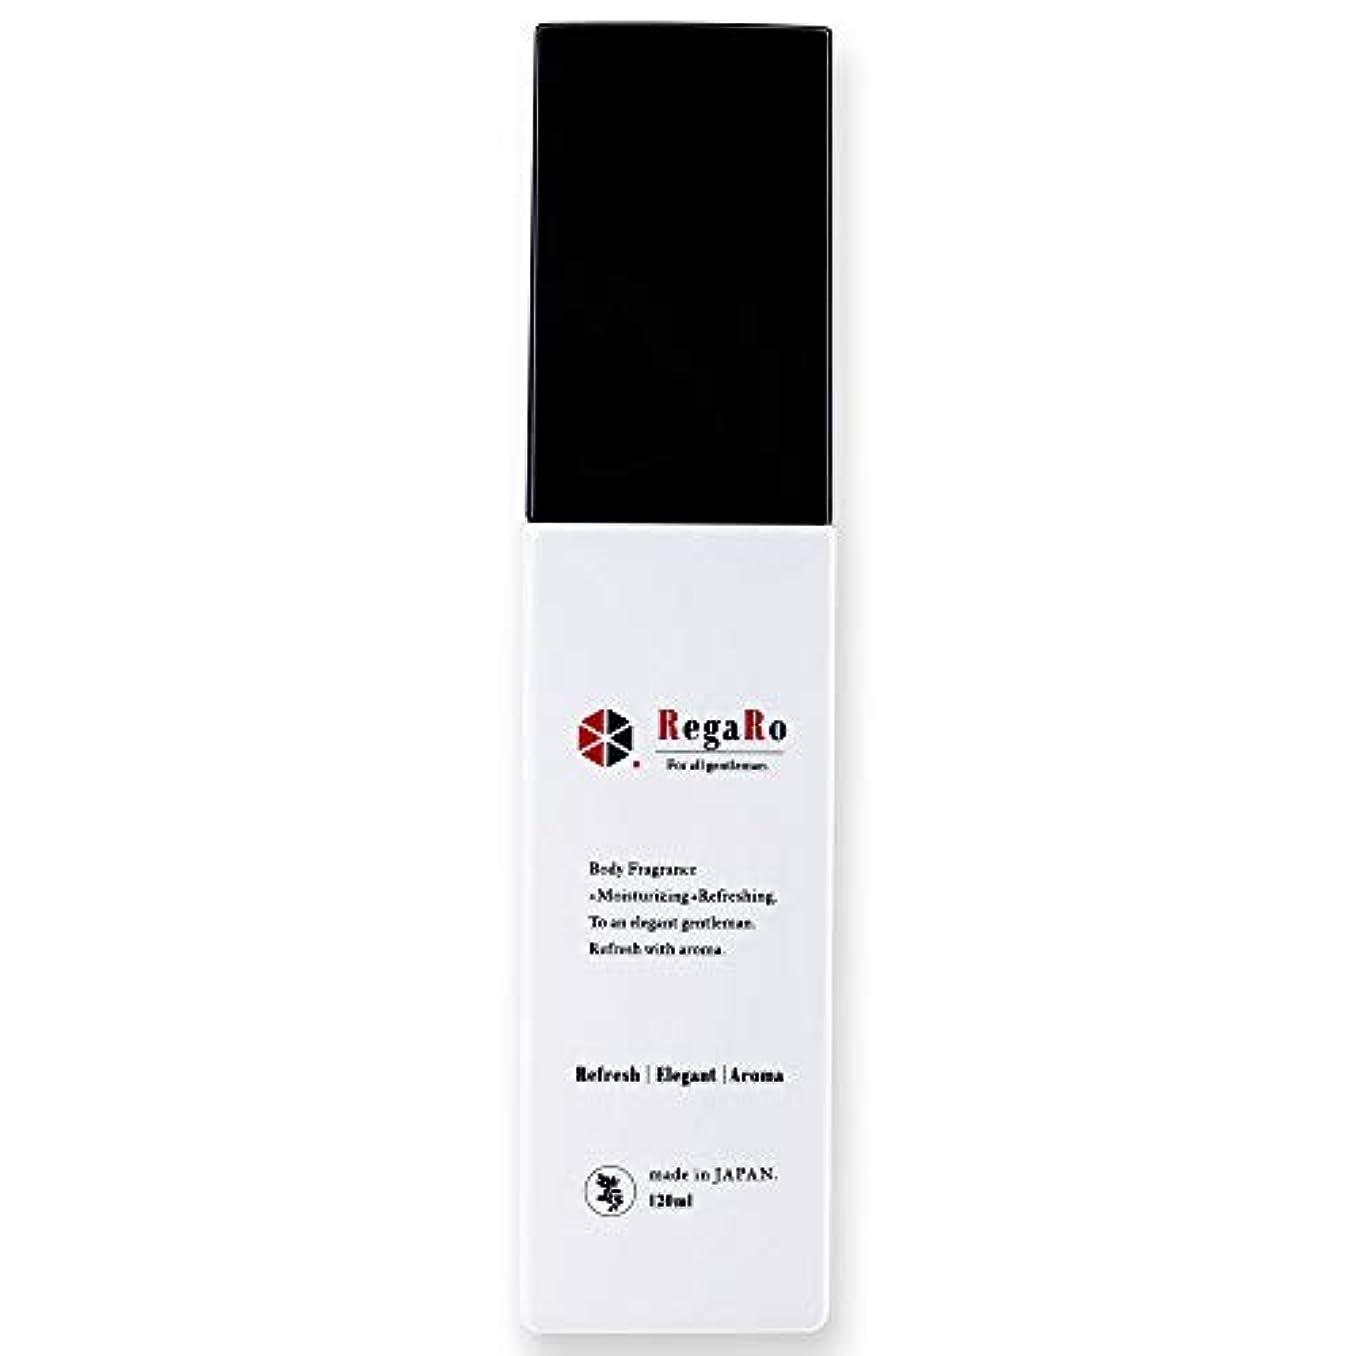 代名詞の面ではメロン【RegaRo】 アロマ デオドラント ミスト 香水 保湿 抑汗 防臭 防菌 120ml